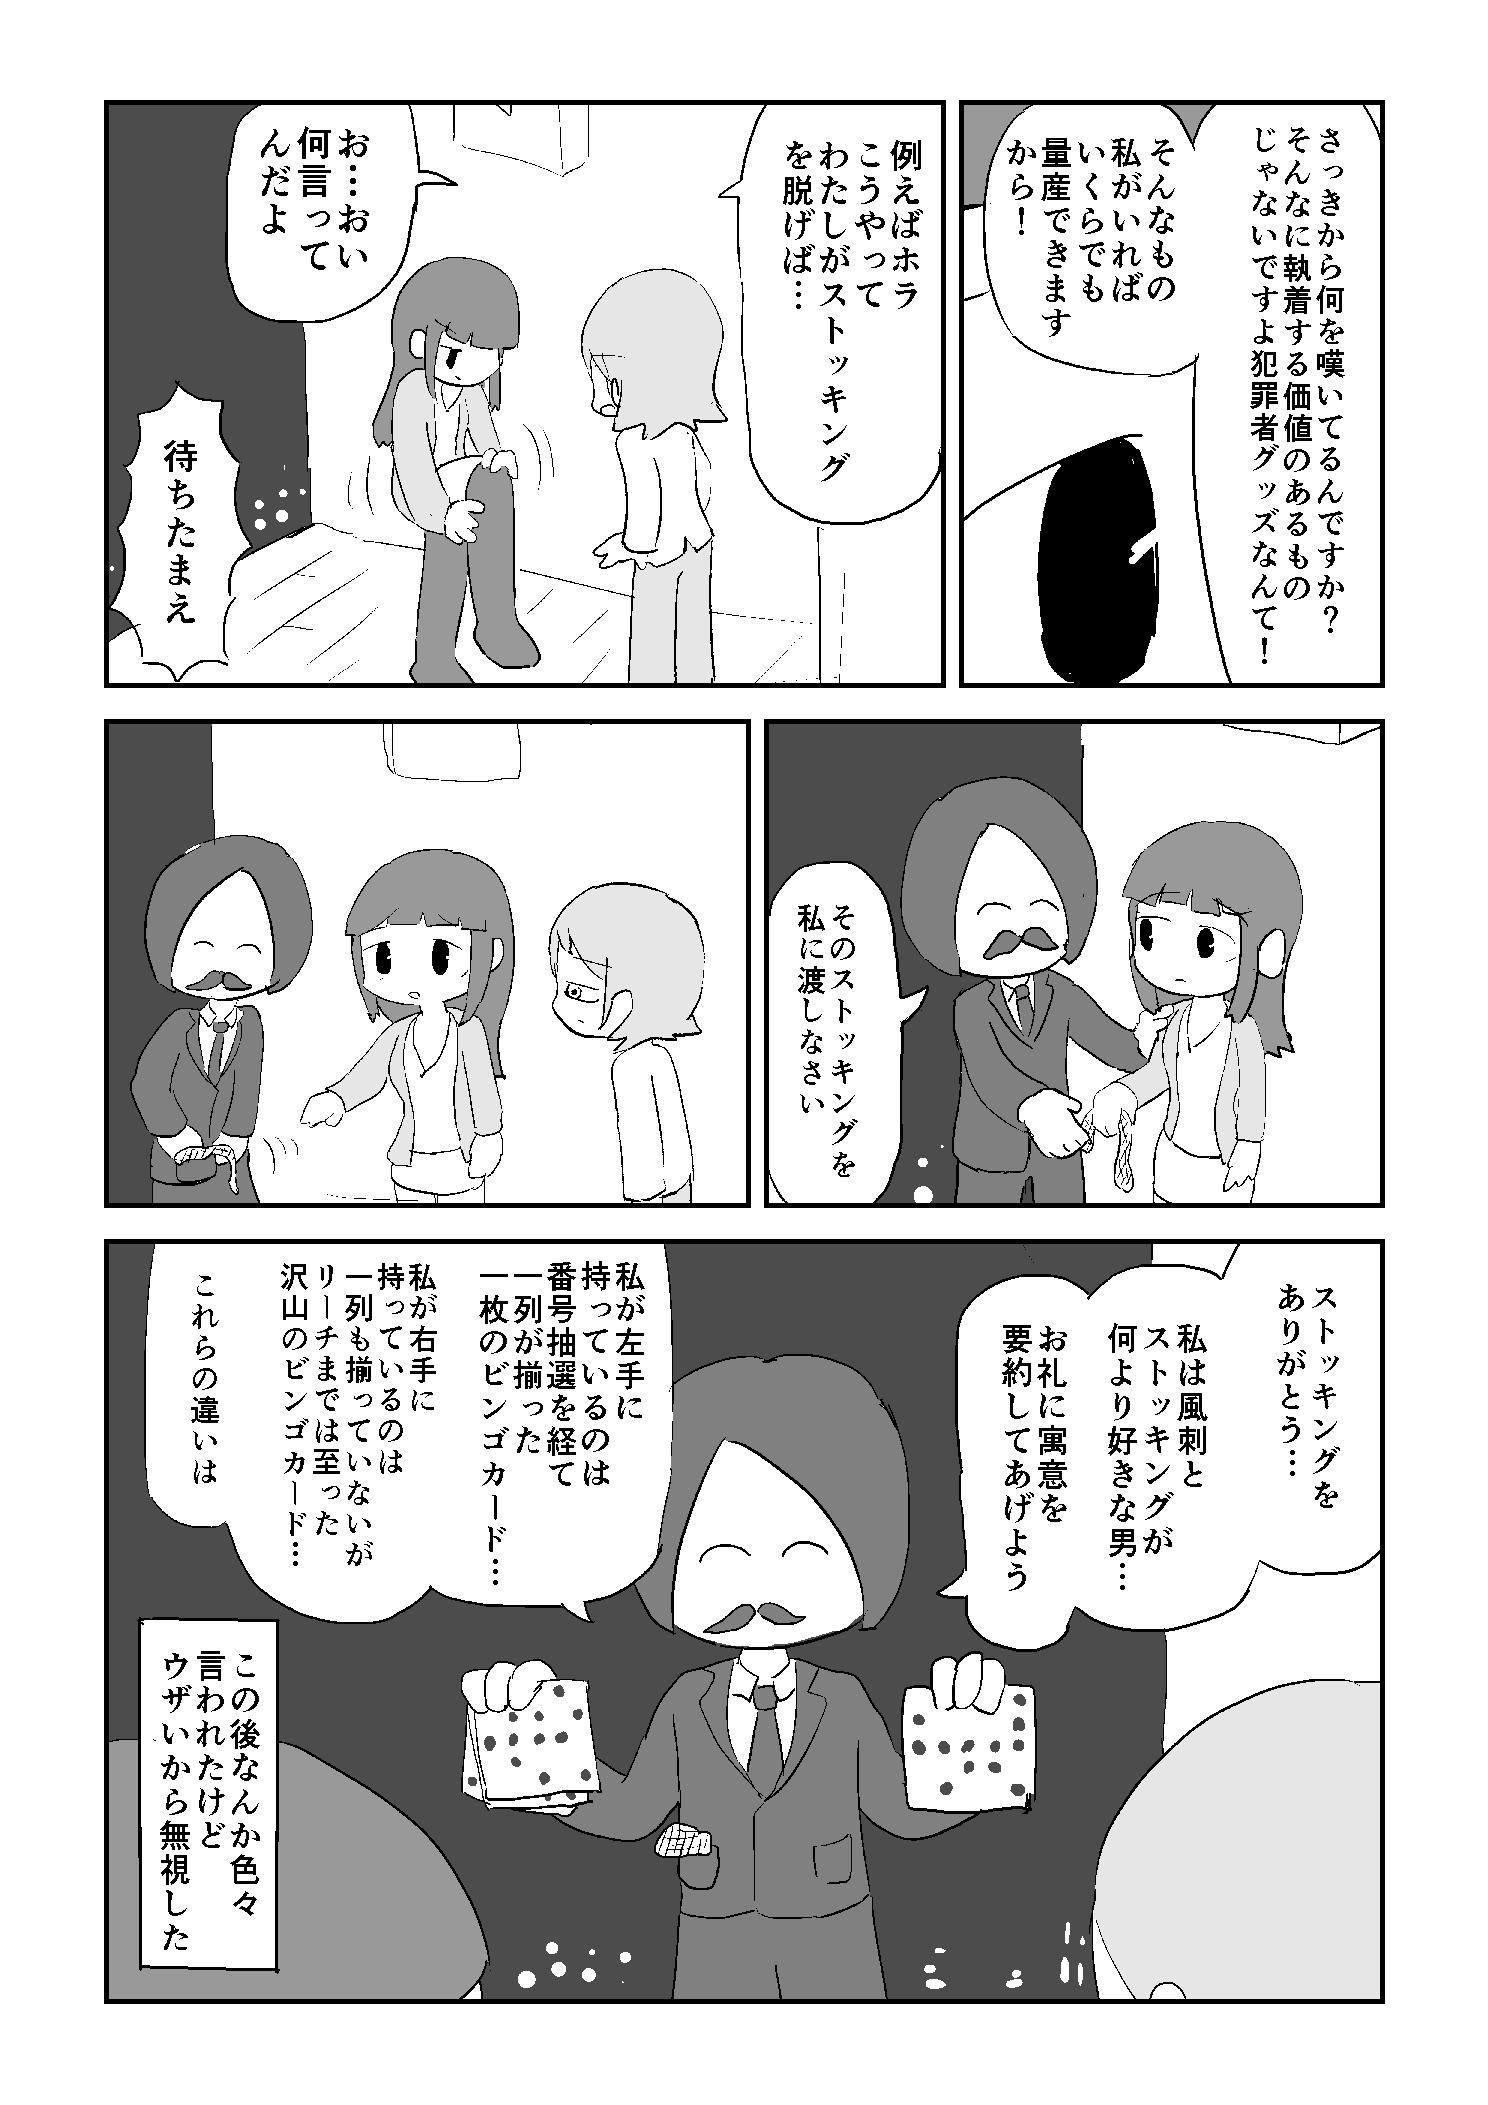 犯罪者消費者_009